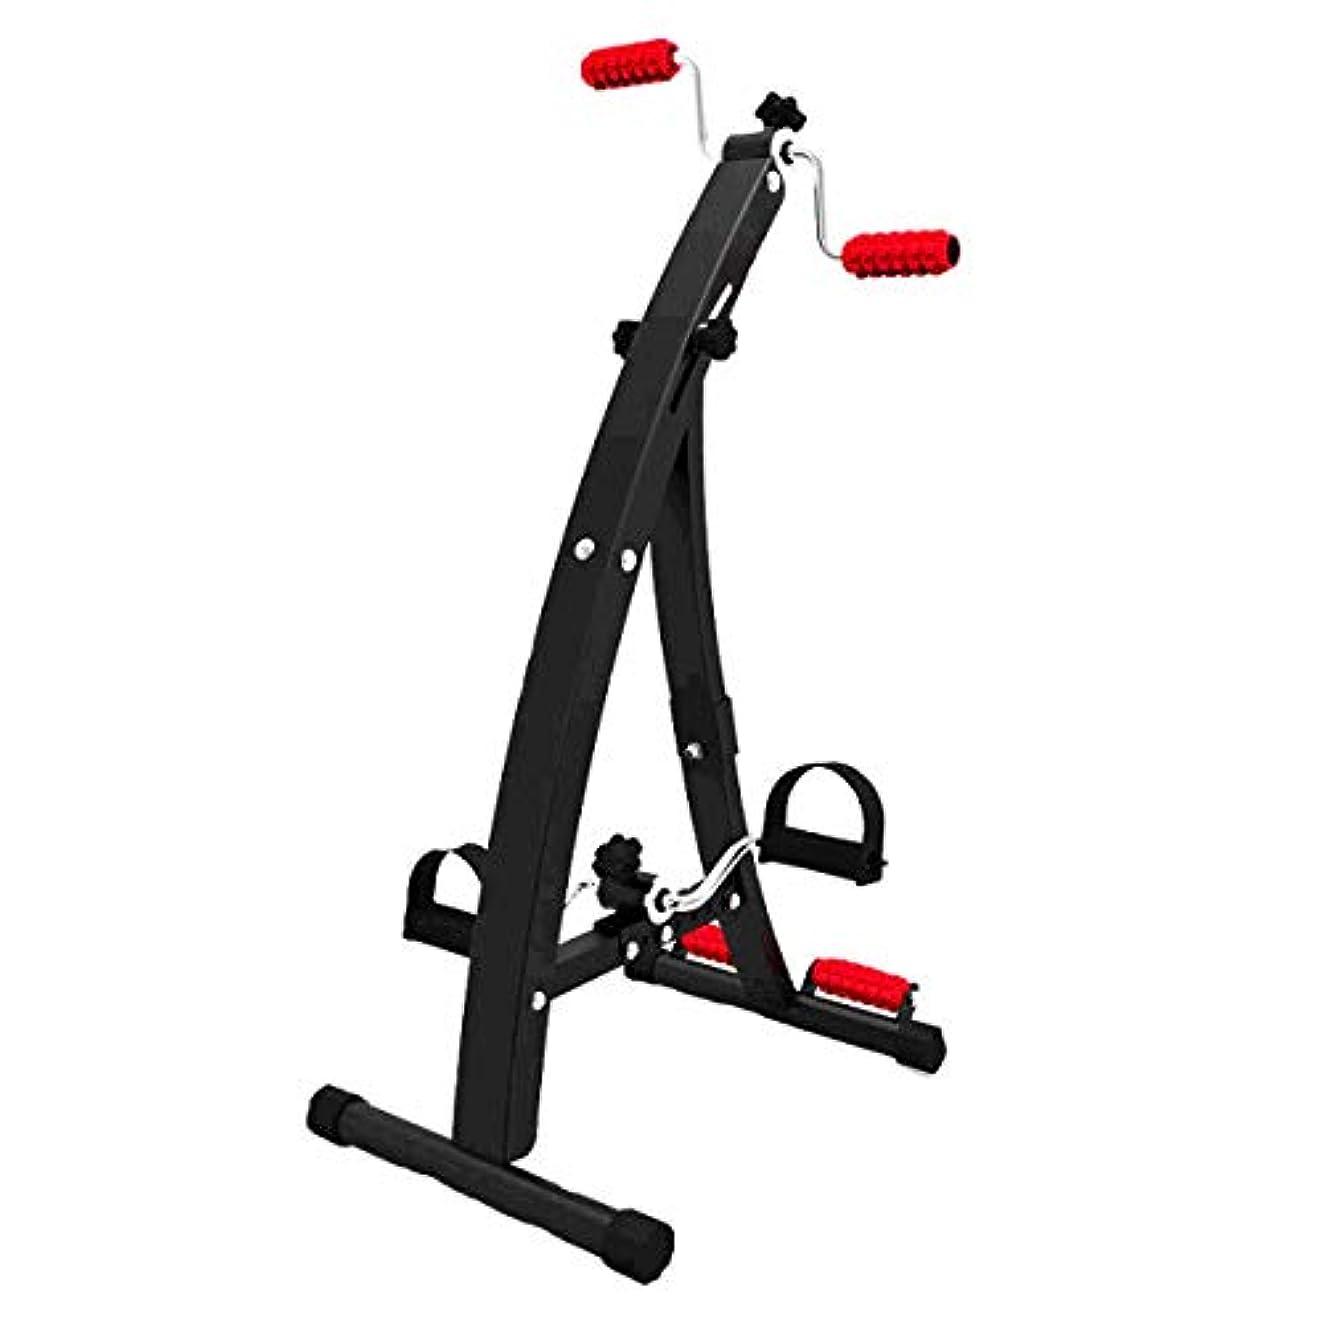 折り畳み式の腕と脚のペダルエクササイザー、医療リハビリテーション体操上肢および下肢のトレーニング機器、筋萎縮リハビリテーション訓練を防ぐ,A